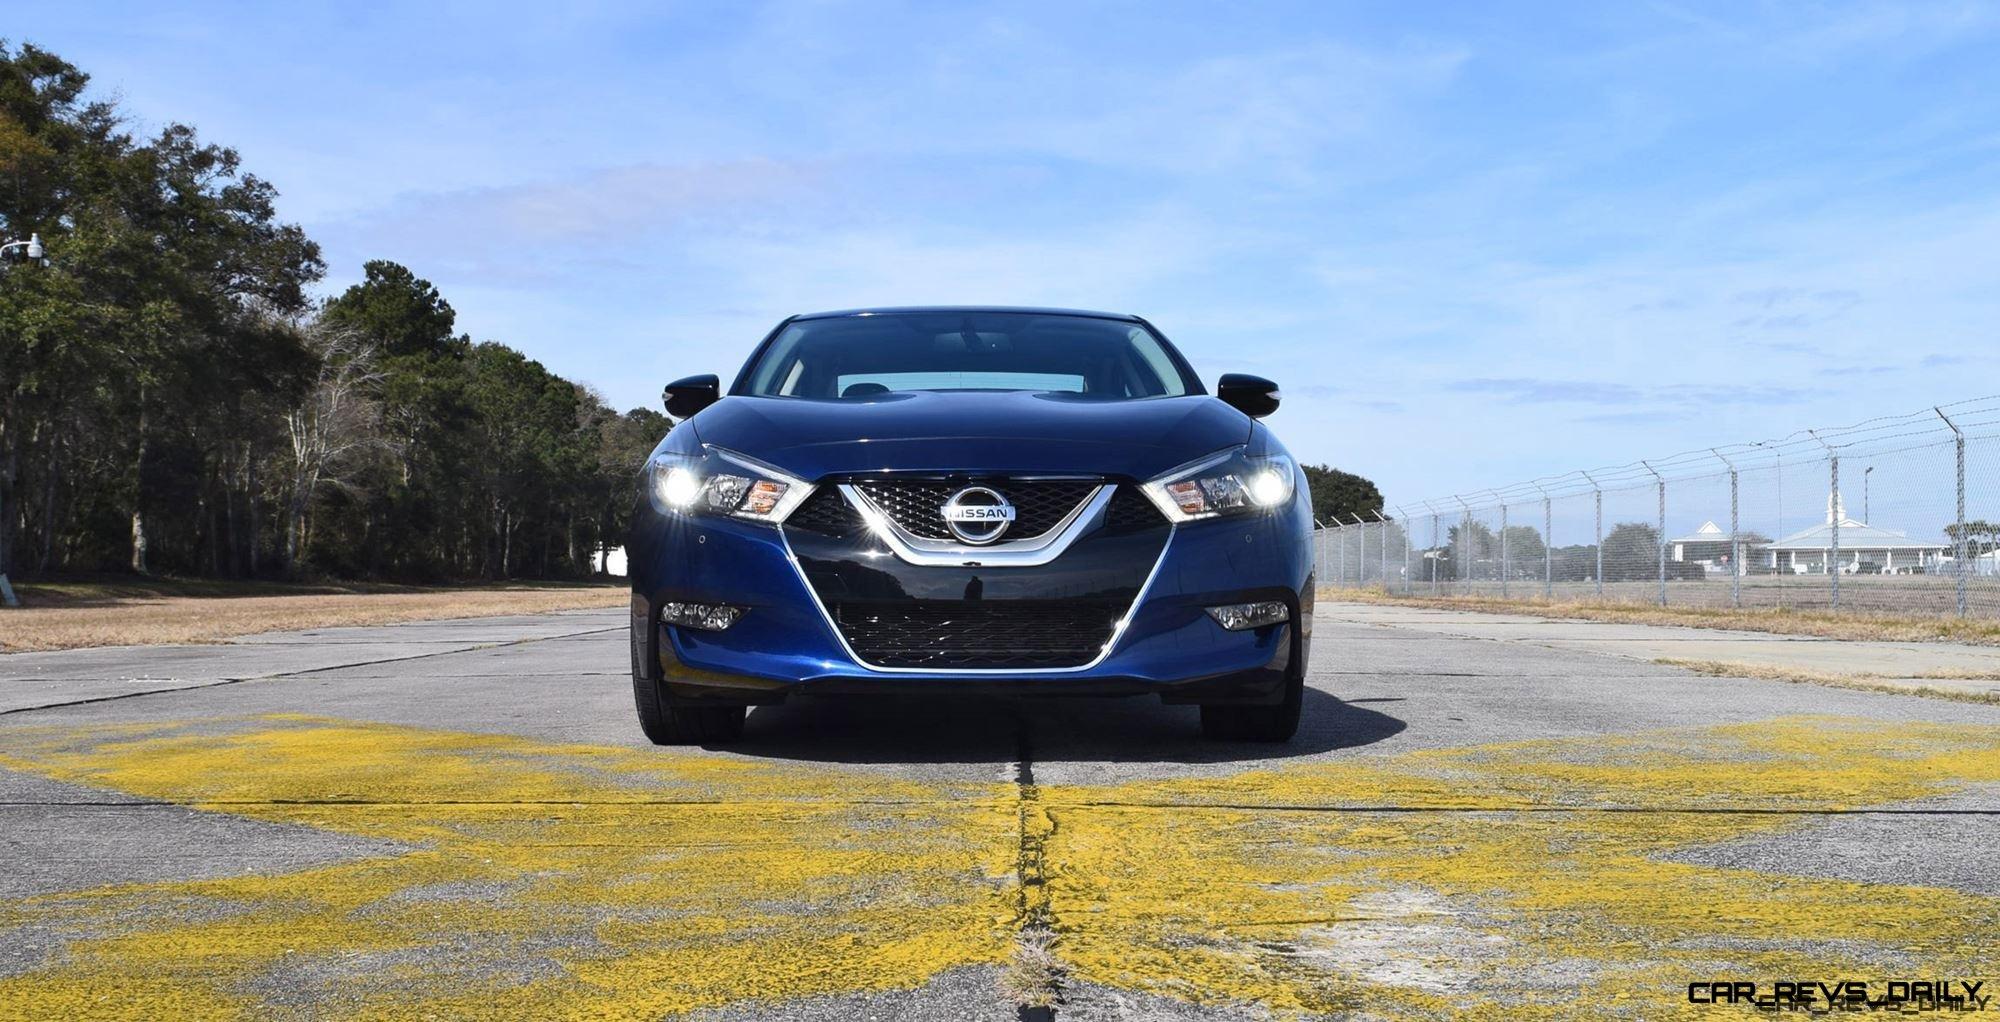 Hd Road Test Review 2016 Nissan Maxima Sr Bonneville Gt R Is Ace Car Revs Daily Com